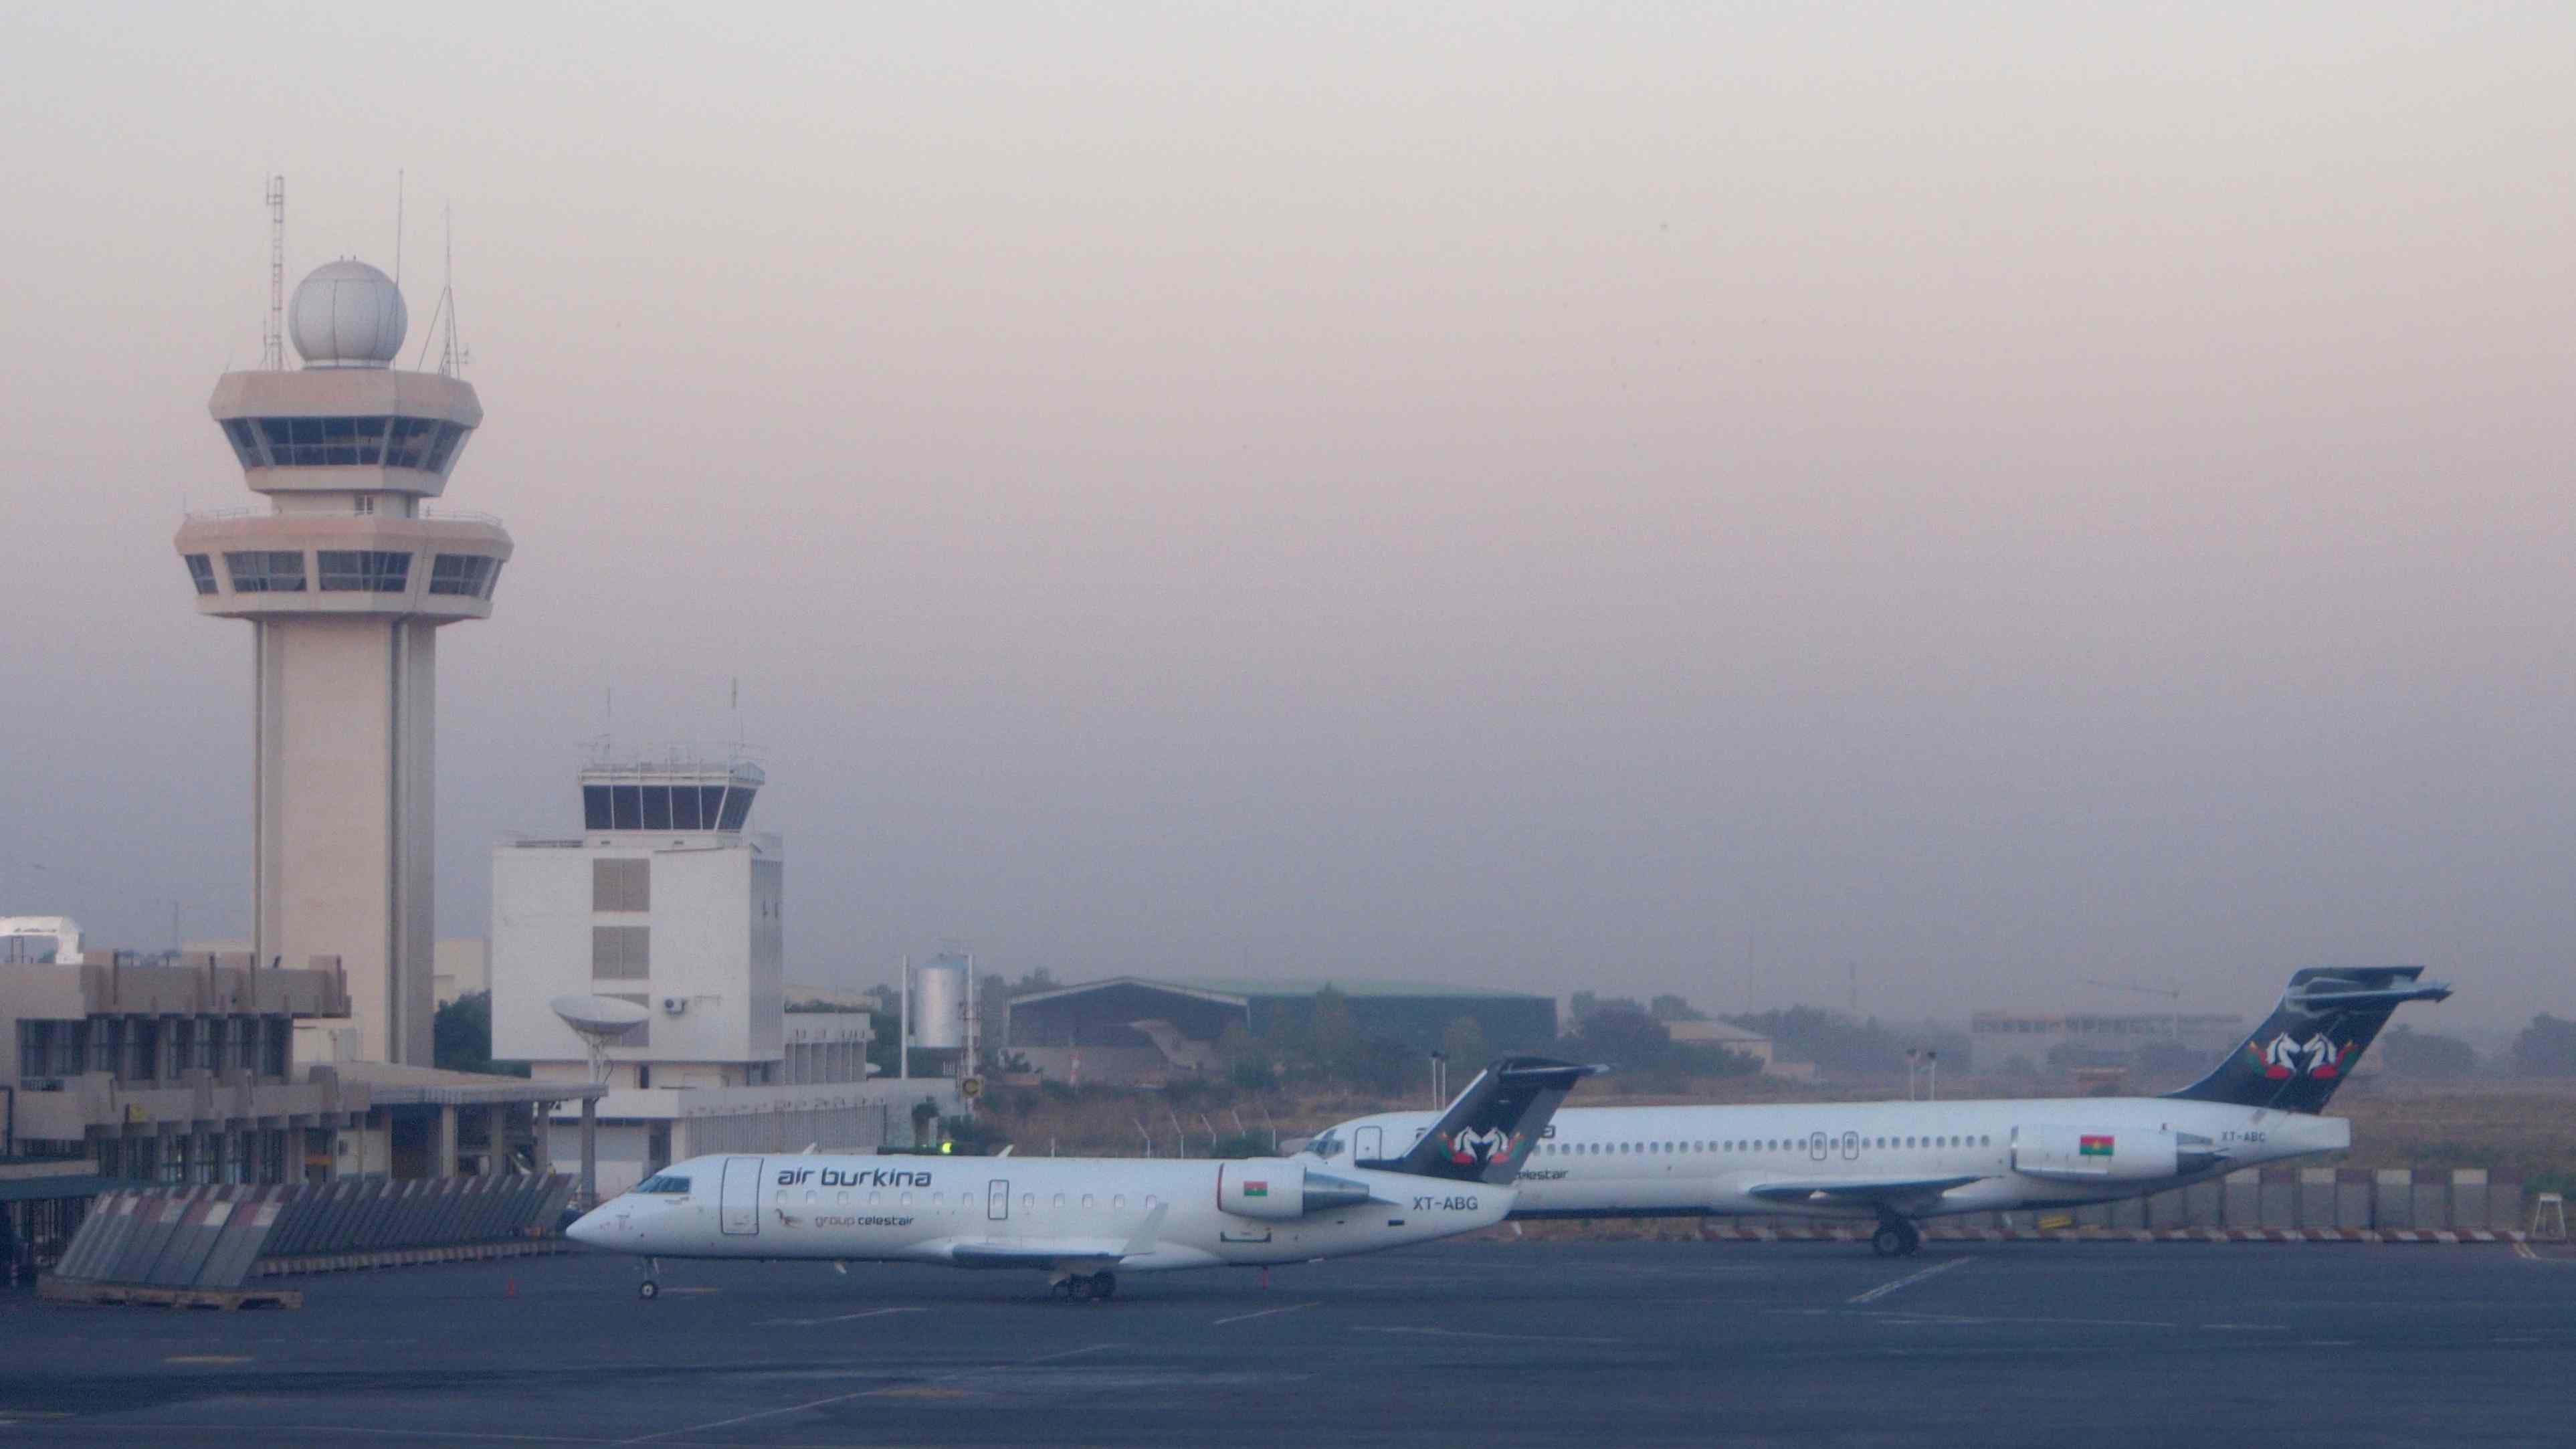 Thomas Sankara International Airport Ouagadougou